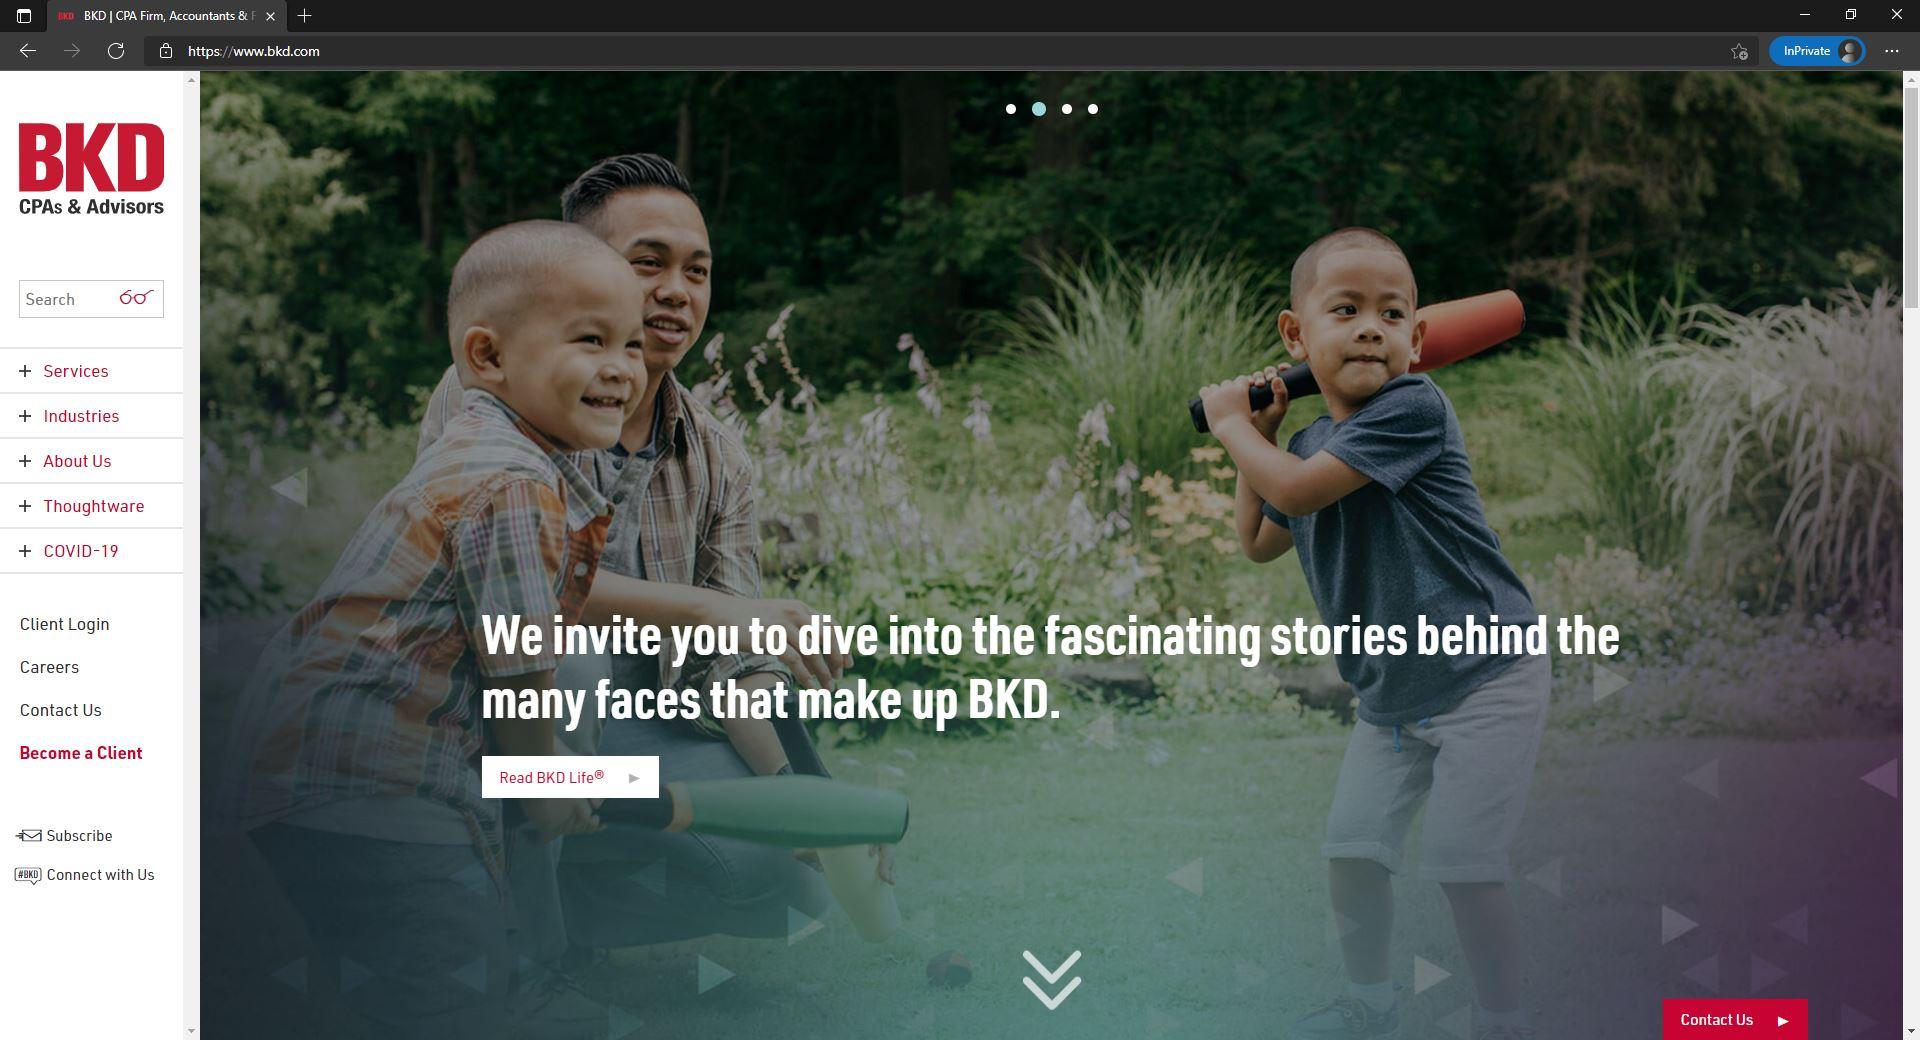 BKD website homepage